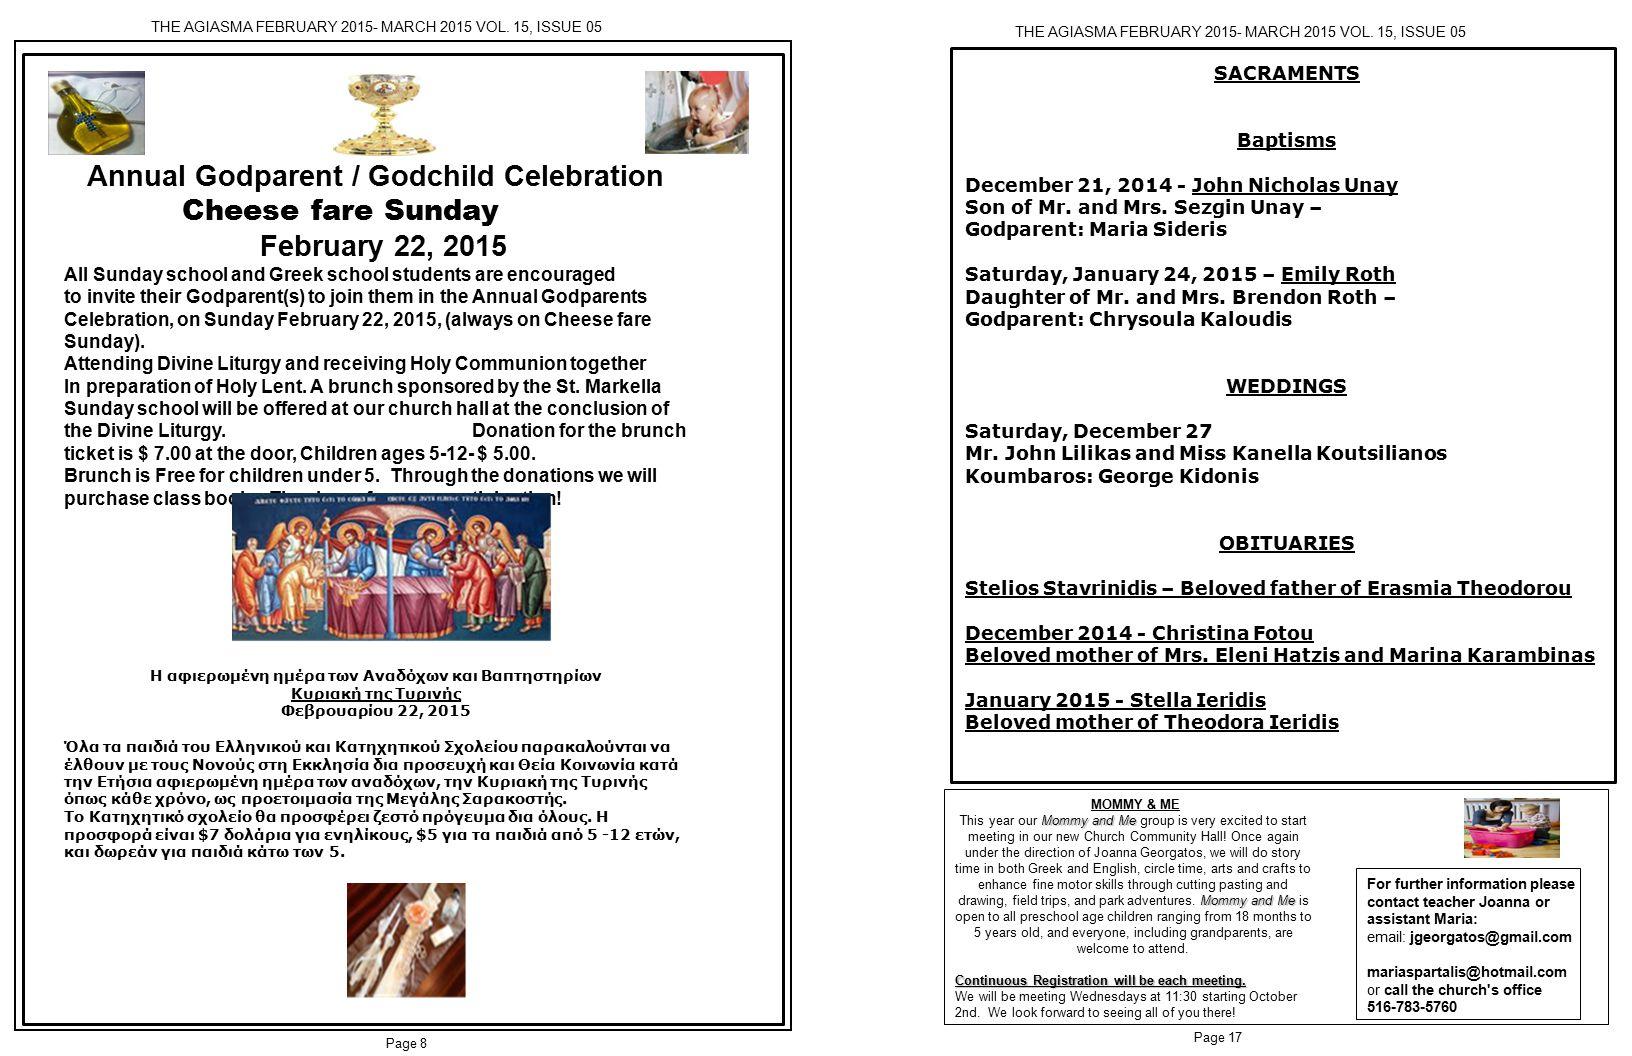 Η αφιερωμένη ημέρα των Αναδόχων και Βαπτηστηρίων